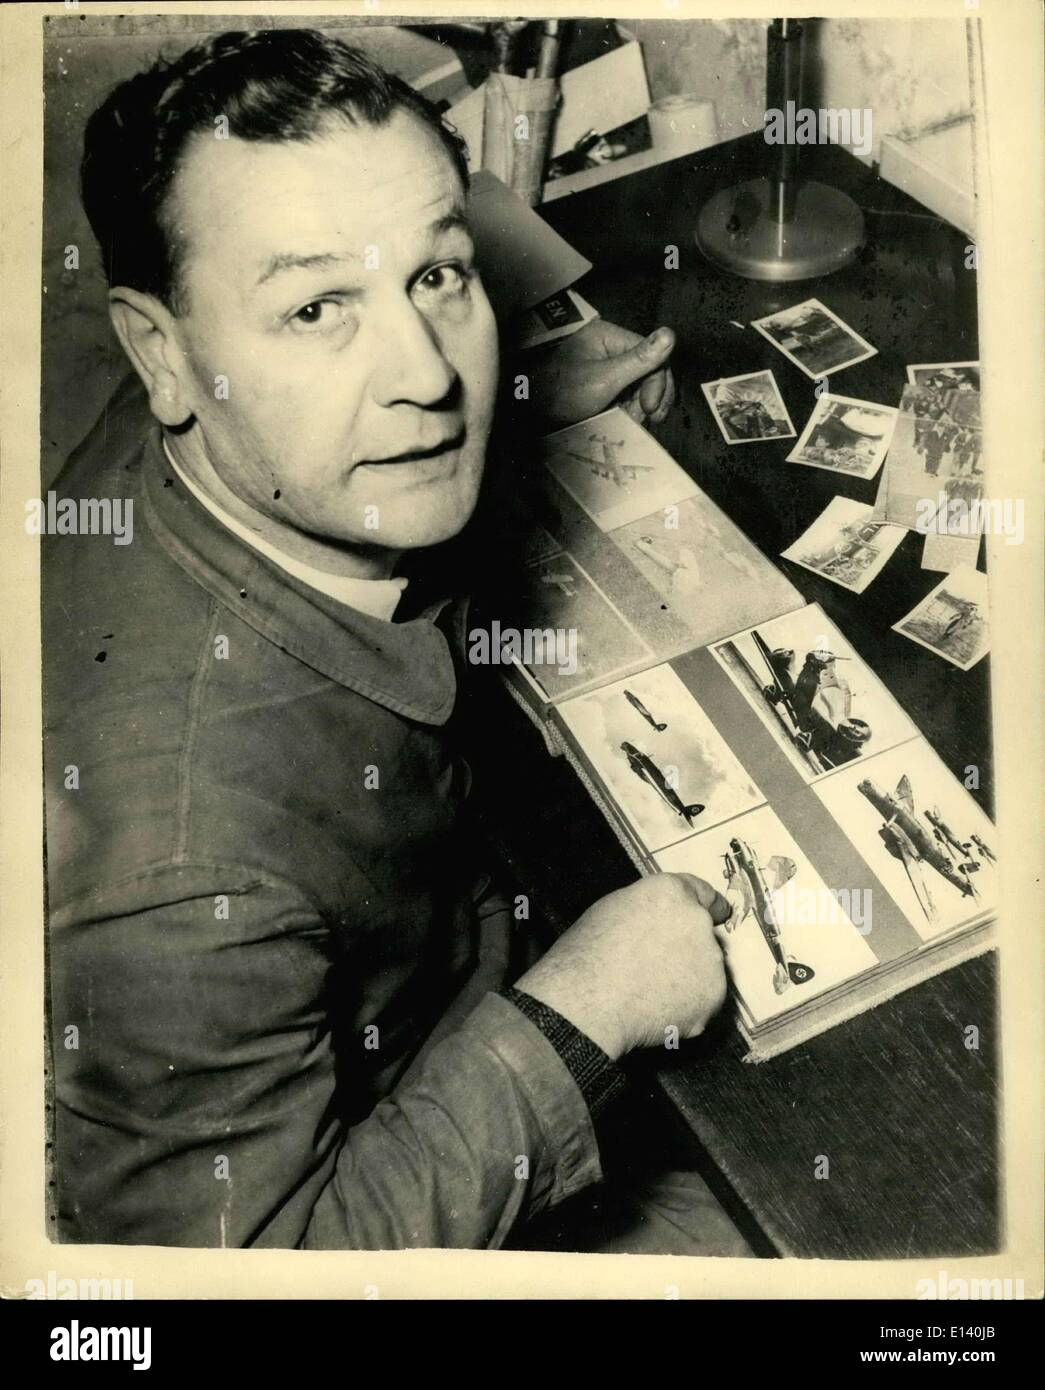 31 mars 2012 - il y a 15 ans, il a été abattu par Peter Townsend. Il y a 15 ans, Karl Missy, un maître de l'air allemande, a été abattu par Peter Townsend. L'Enfer (Heinckel malade), dans laquelle Missy a volé comme un opérateur radio et l'artilleur tribord - venaient juste d'un bombardement où certains en Angleterre, lorsque, sur le voyage de retour à l'Allemagne, ils ont été attaqués par trois spitfires britanniques, dirigée par Peter Townsend, puis 24. L'Allemand Hall a été forcé d'atterrir sur le sol britannique. Missy a été grièvement blessé dans cette lutte, et à dix heures a subi sept opérations majeures dans un hôpital Anglais Photo Stock